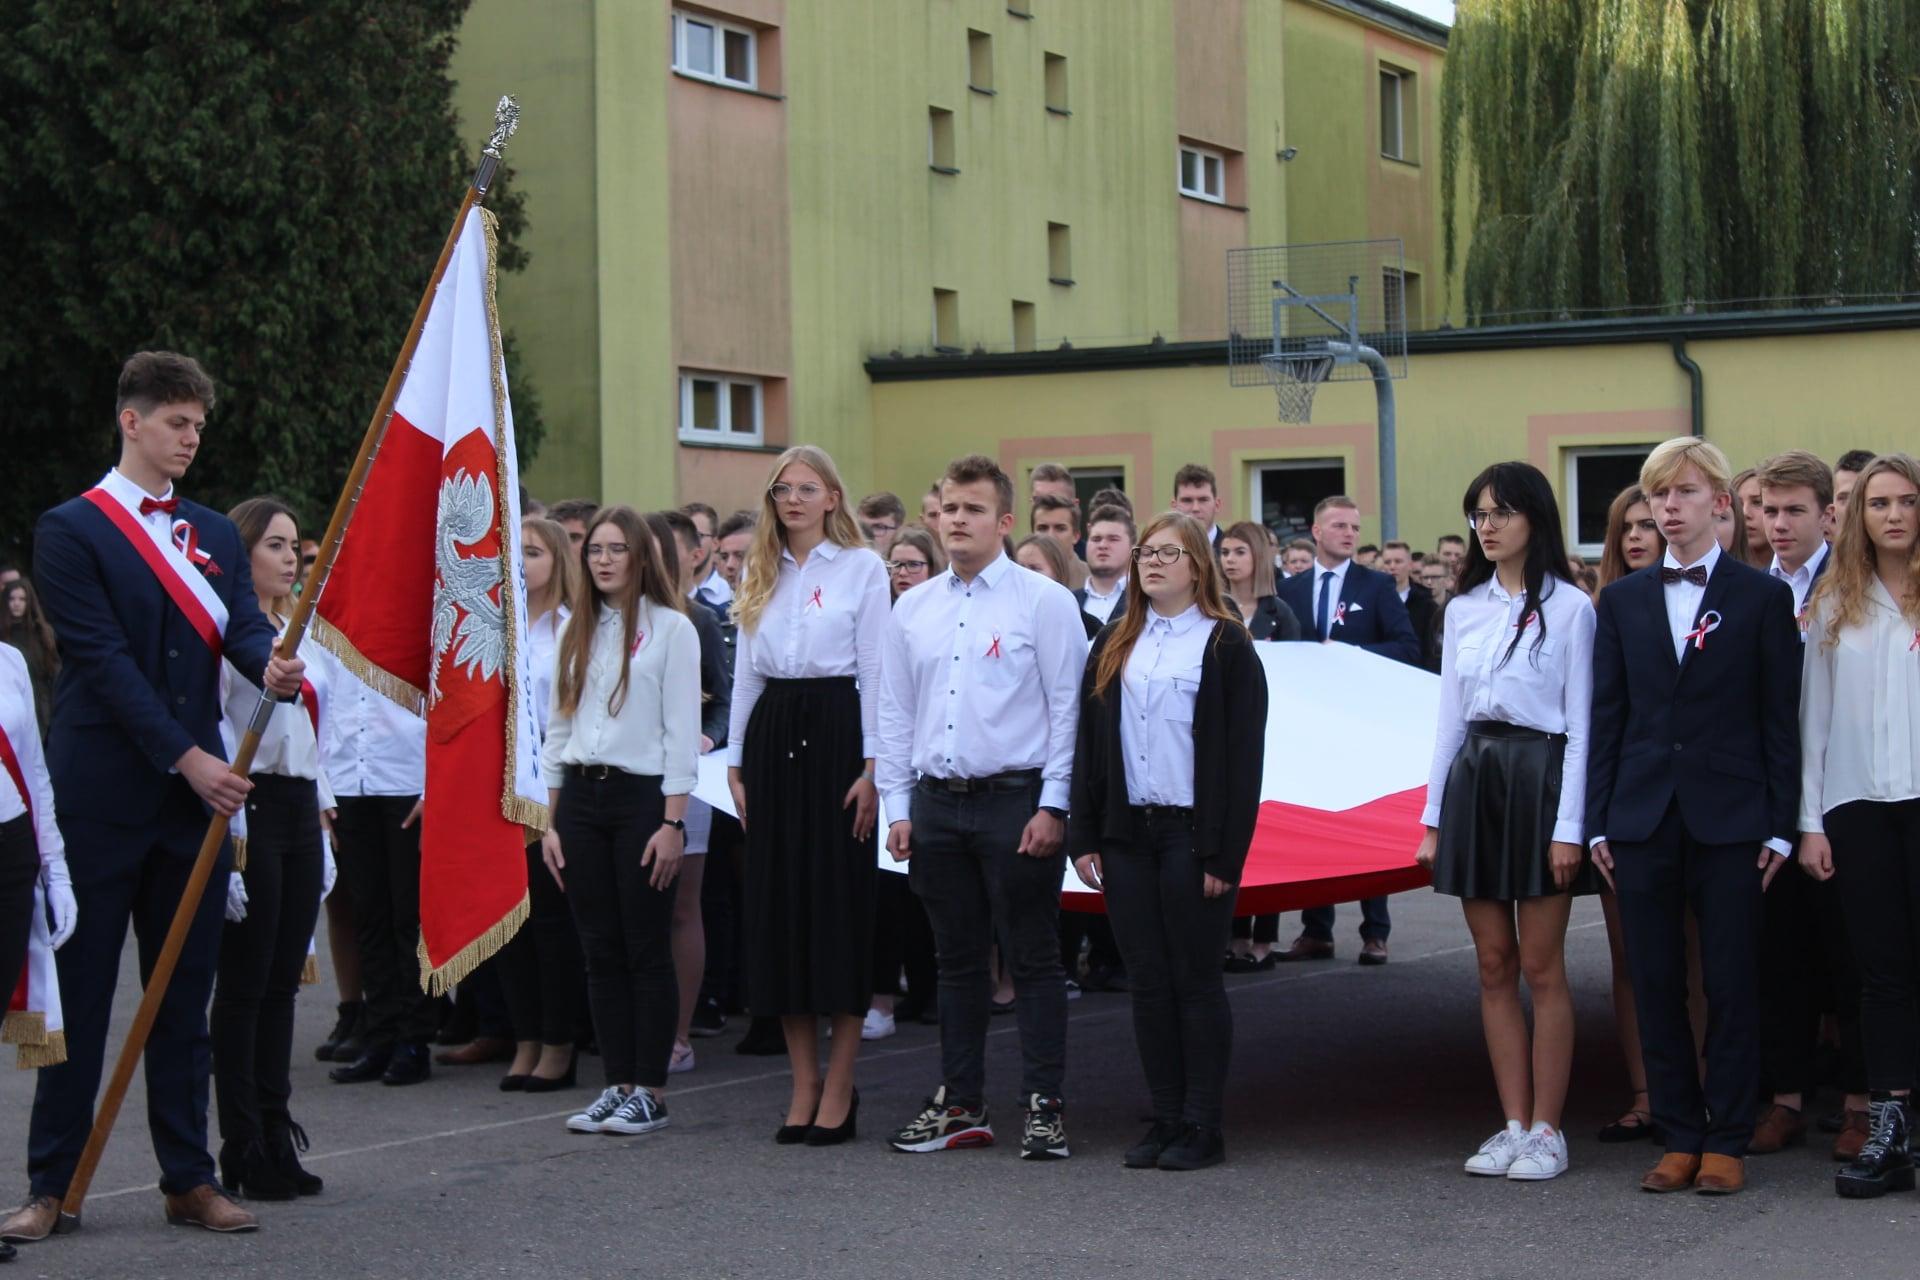 Obchody Święta Niepodległości w Zespole Szkół Nr 1 w Wieluniu